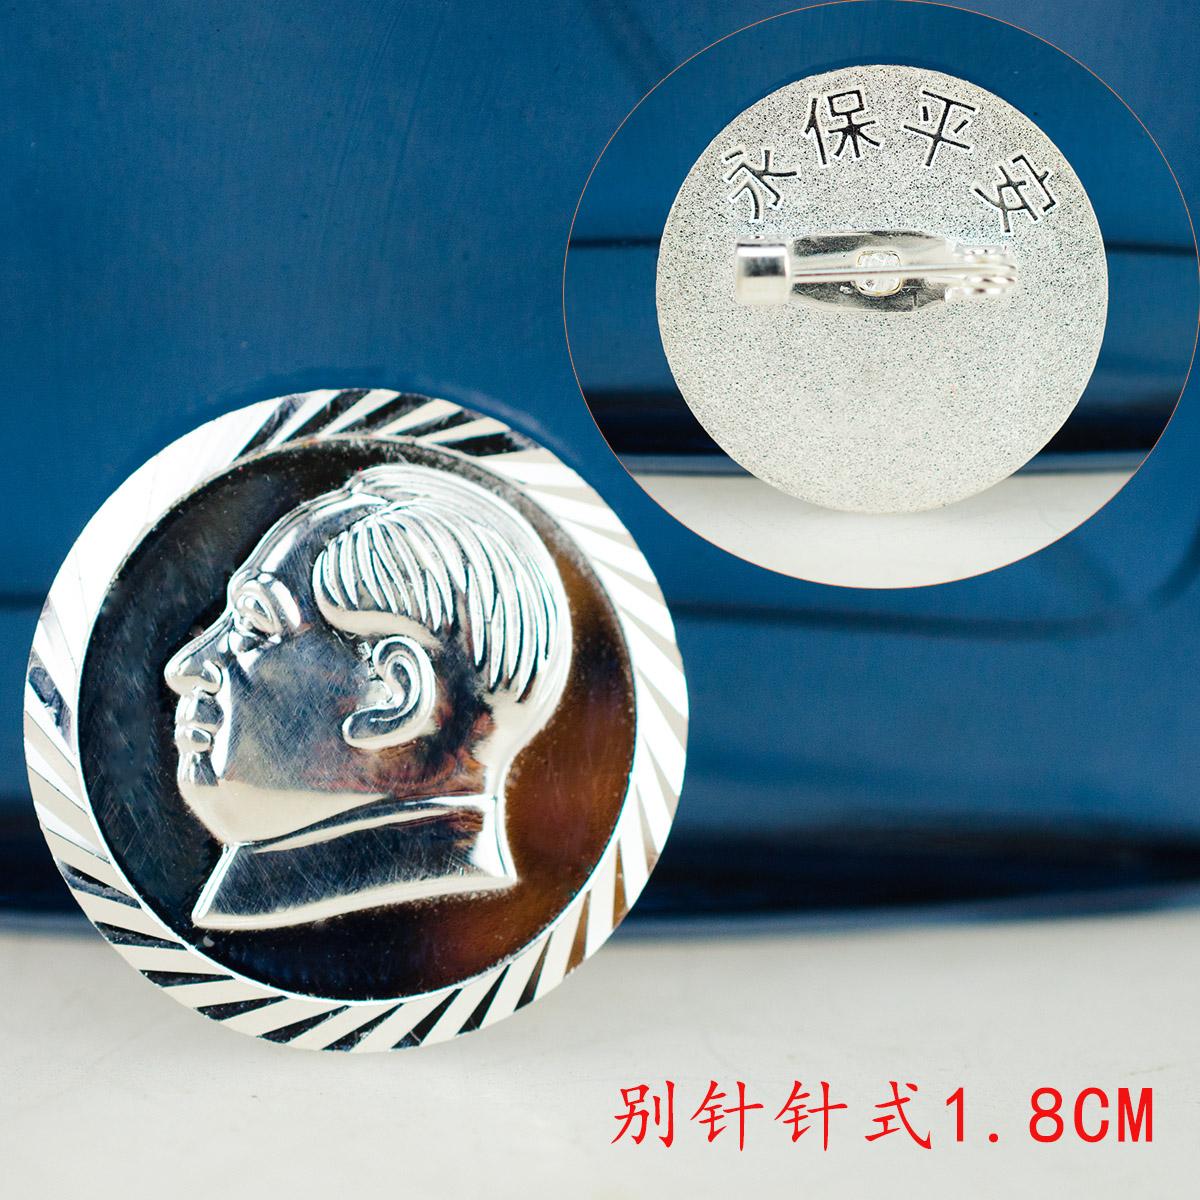 毛主席925胸针毛泽东头像足银像章徽章时尚流行饰品像章男女配。